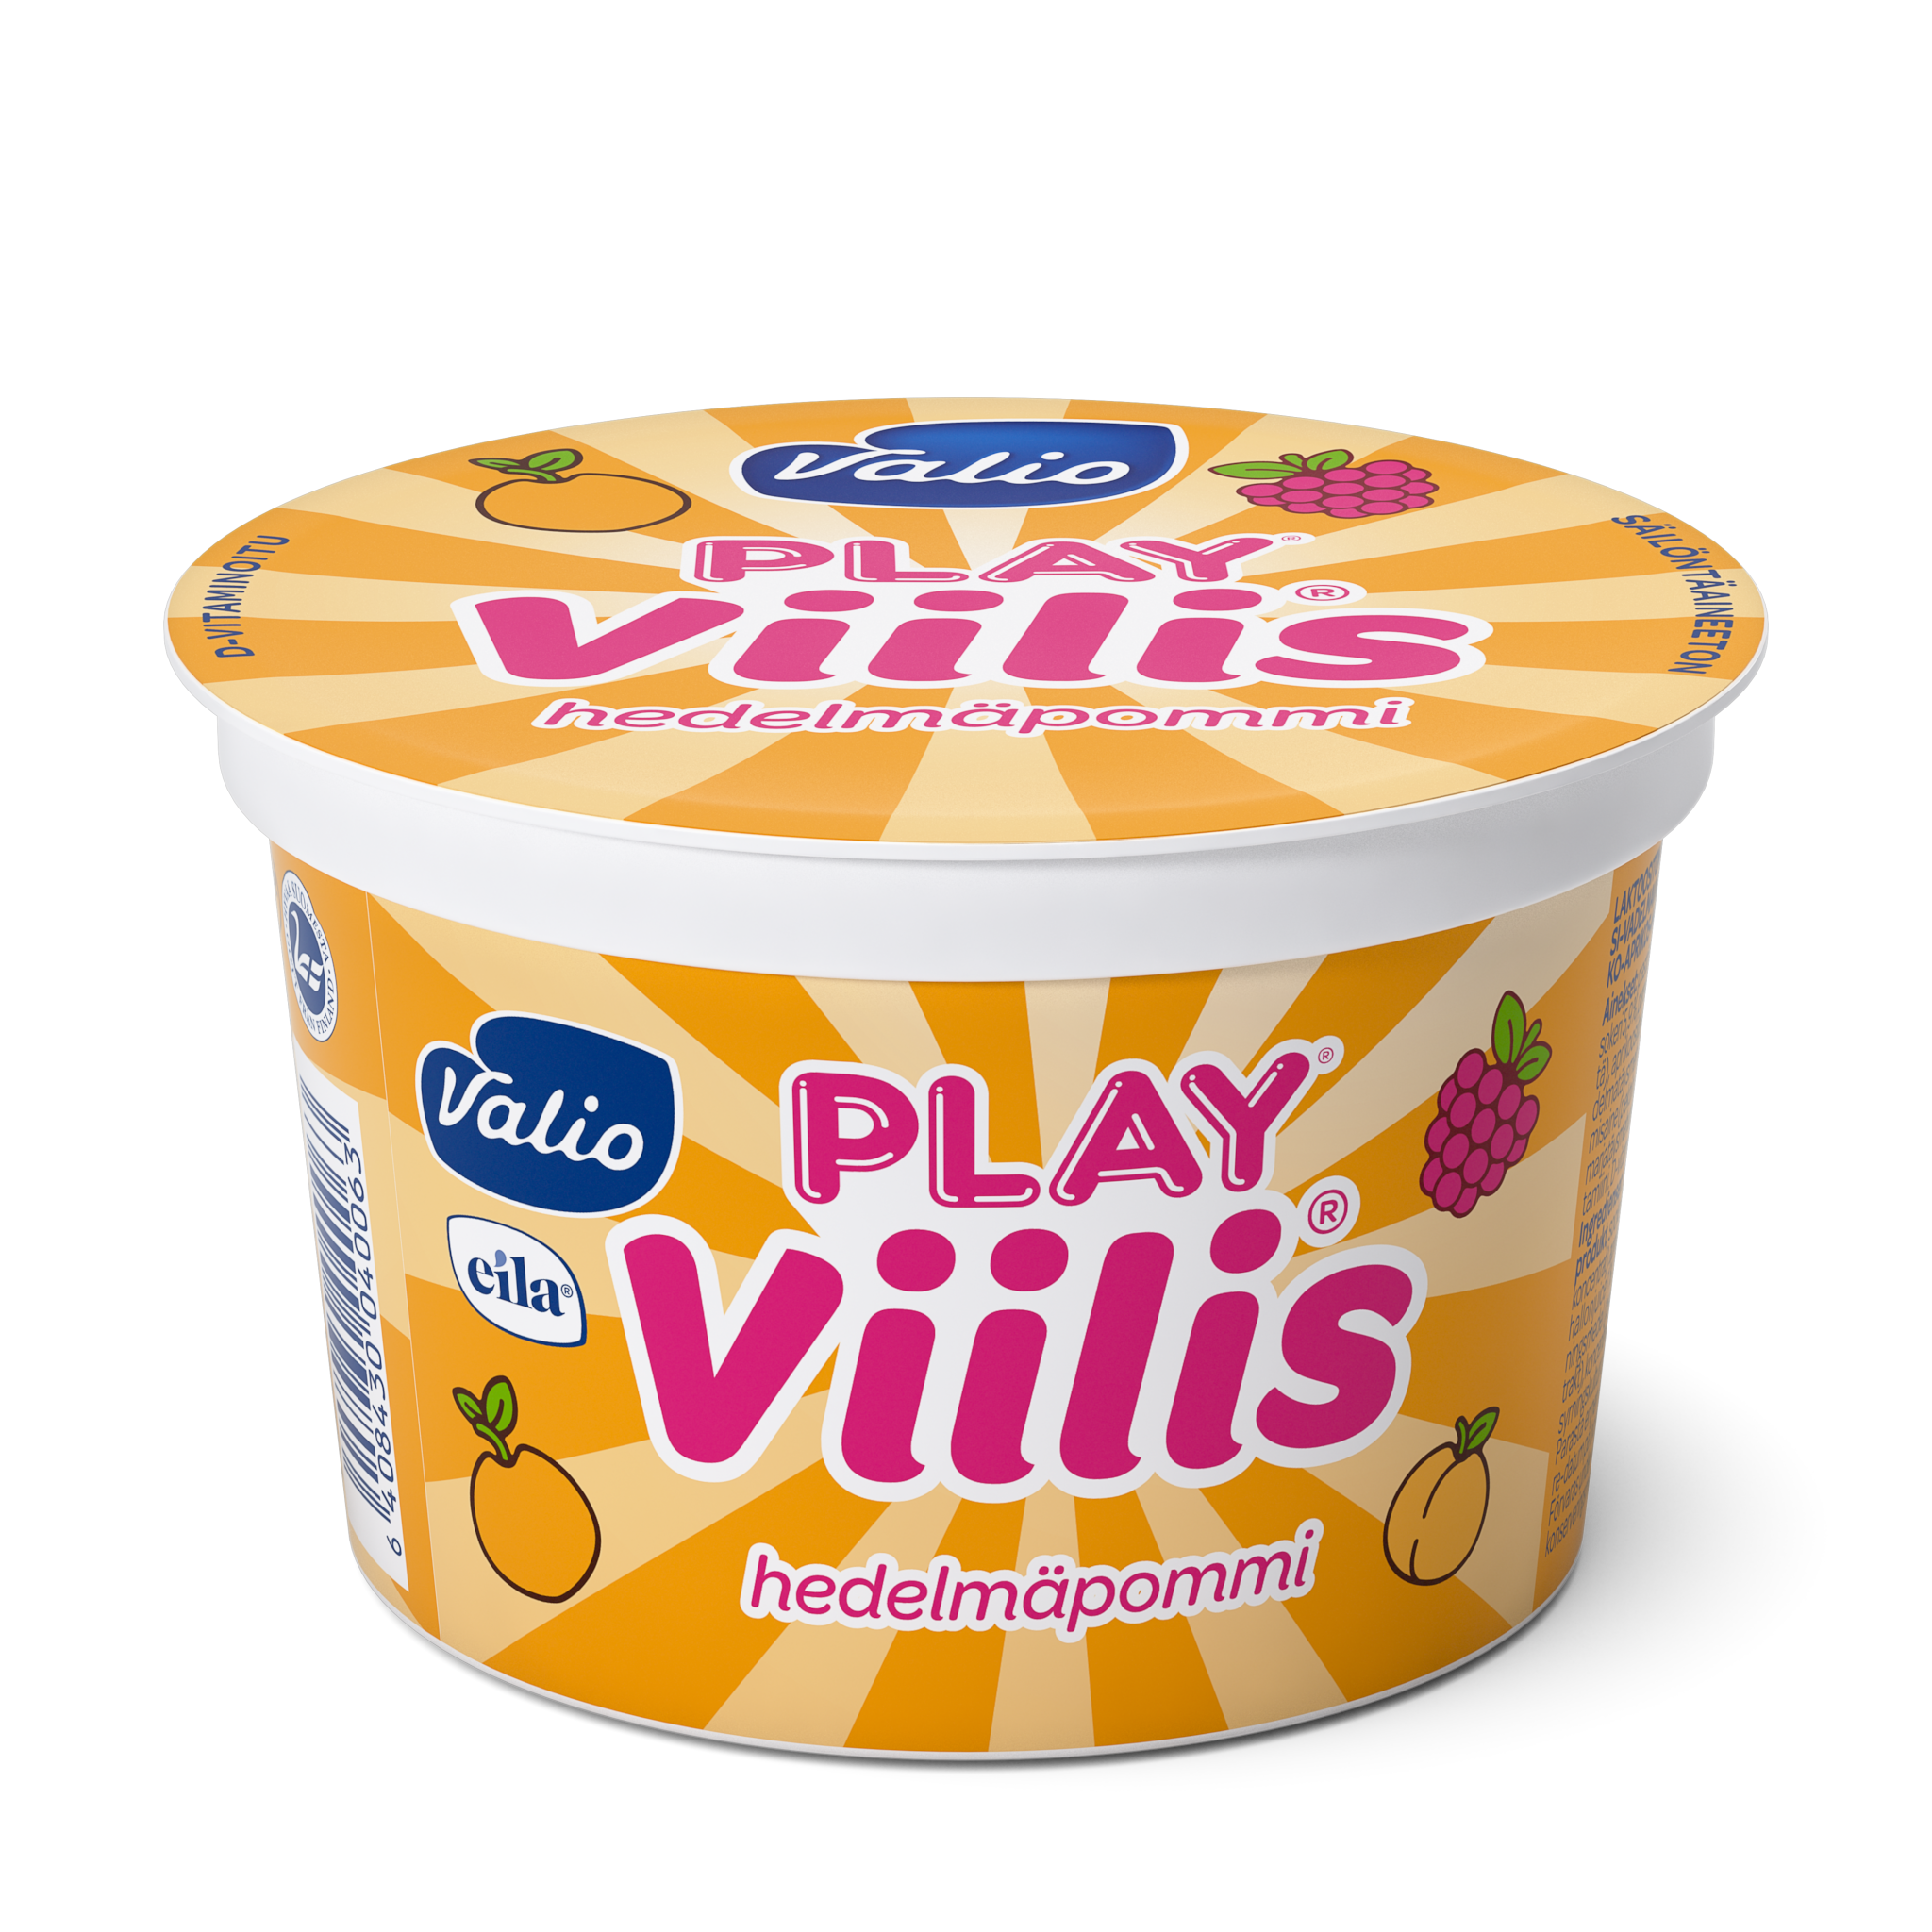 Valio Play® viilis® hedelmäpommi laktoositon